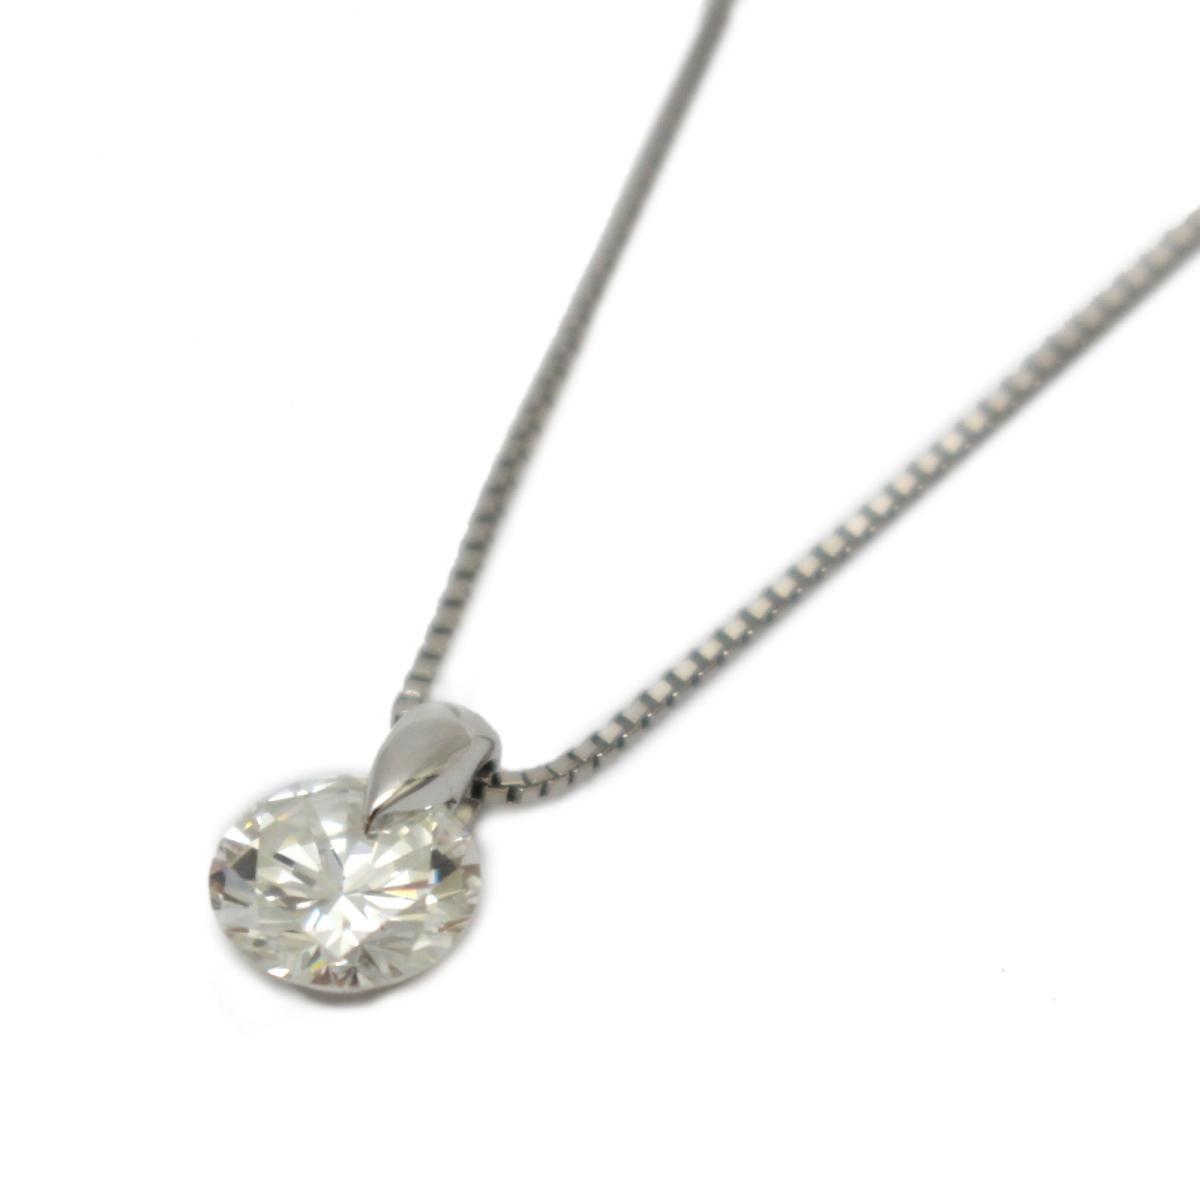 【中古】 ジュエリー ダイヤモンド ネックレス レディース PT900 プラチナ x (1.022ct) PT850 | JEWELRY BRANDOFF ブランドオフ ブランド アクセサリー ペンダント